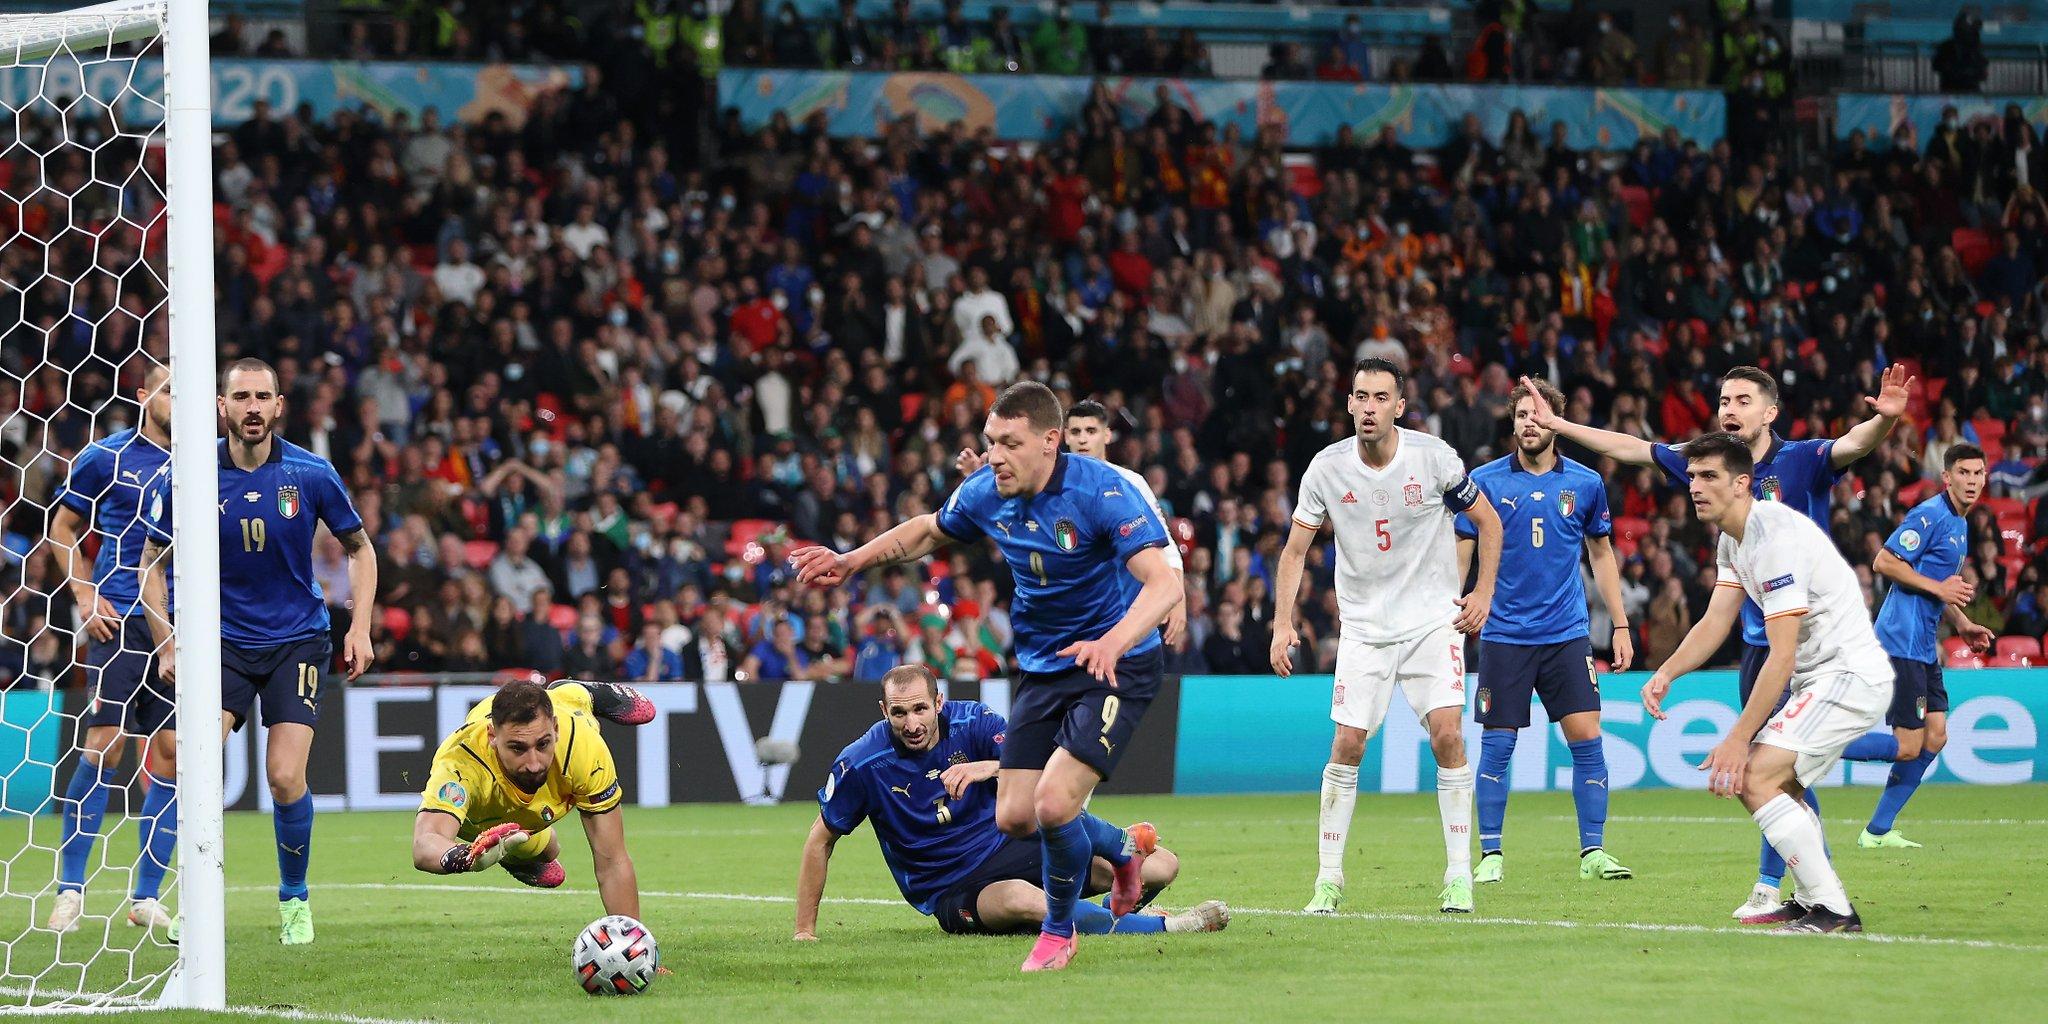 EURO 2020 yarı final: İtalya 1-1 İspanya maç özeti izle   İtalya penaltı atışları sonucunda EURO 2020'de finale yükseldi.